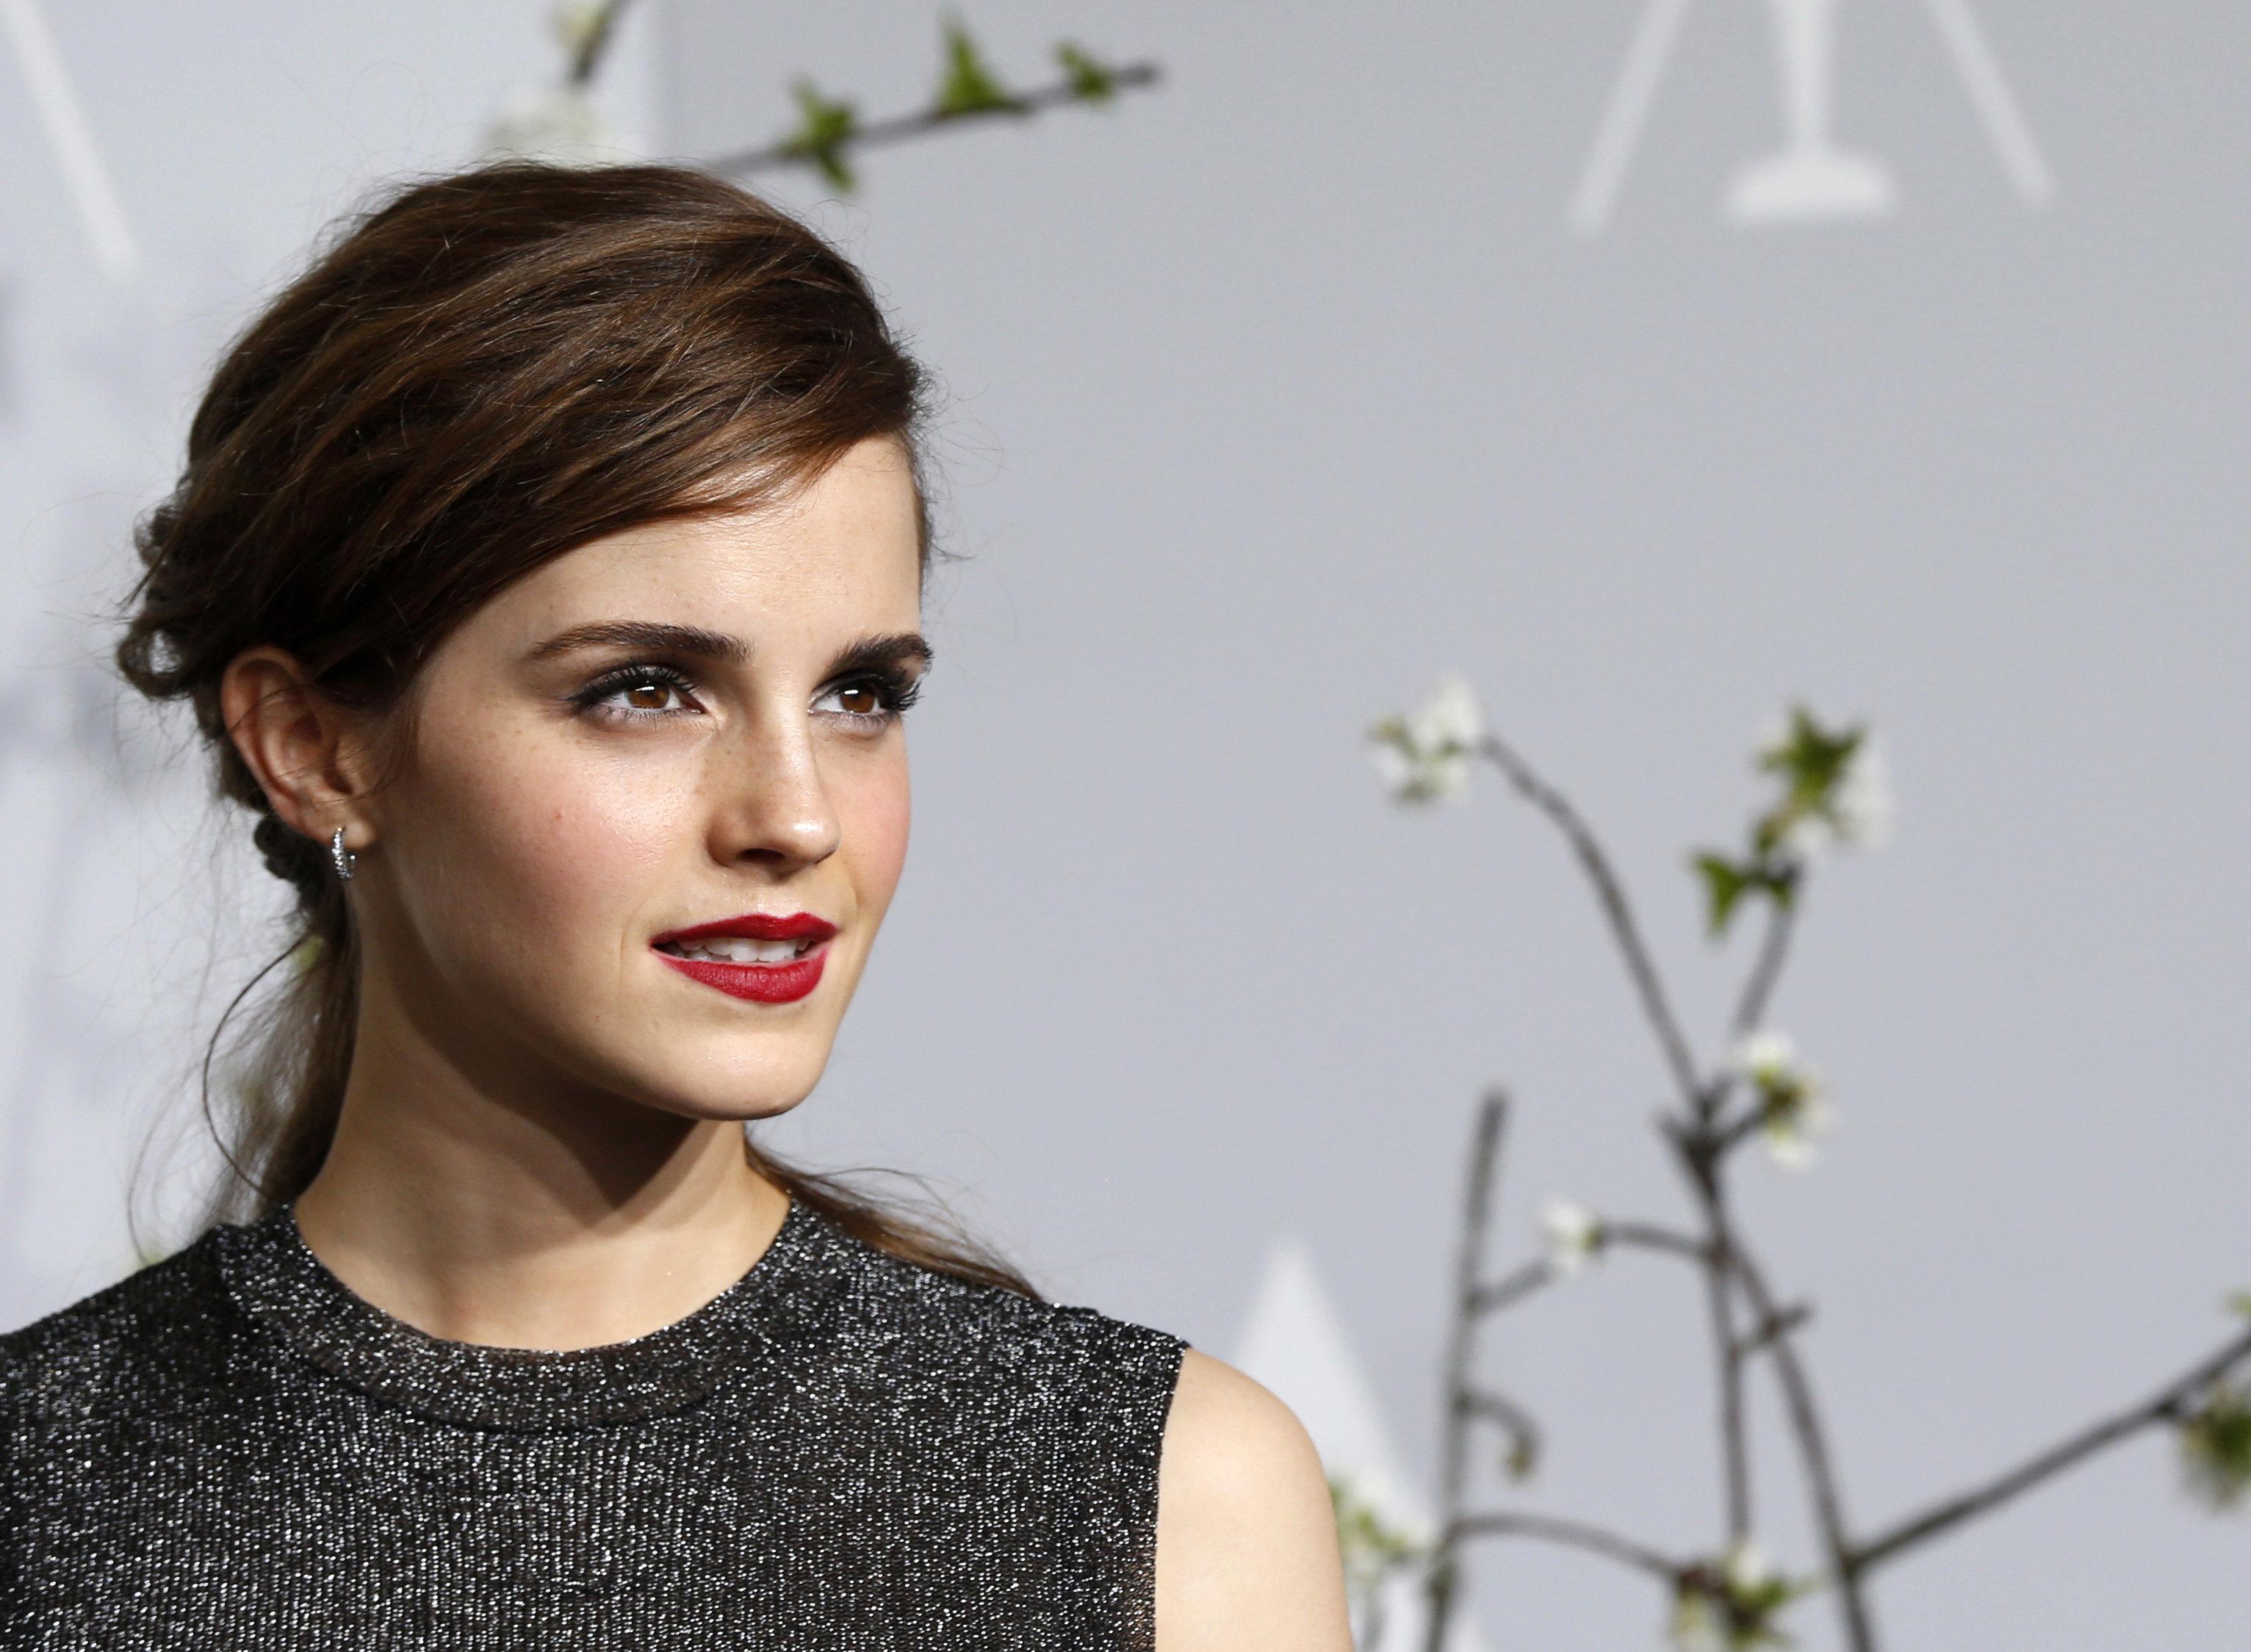 1 εκατ. λίρες στο ταμείο κατά της σεξουαλικής παρενόχλησης από την Emma